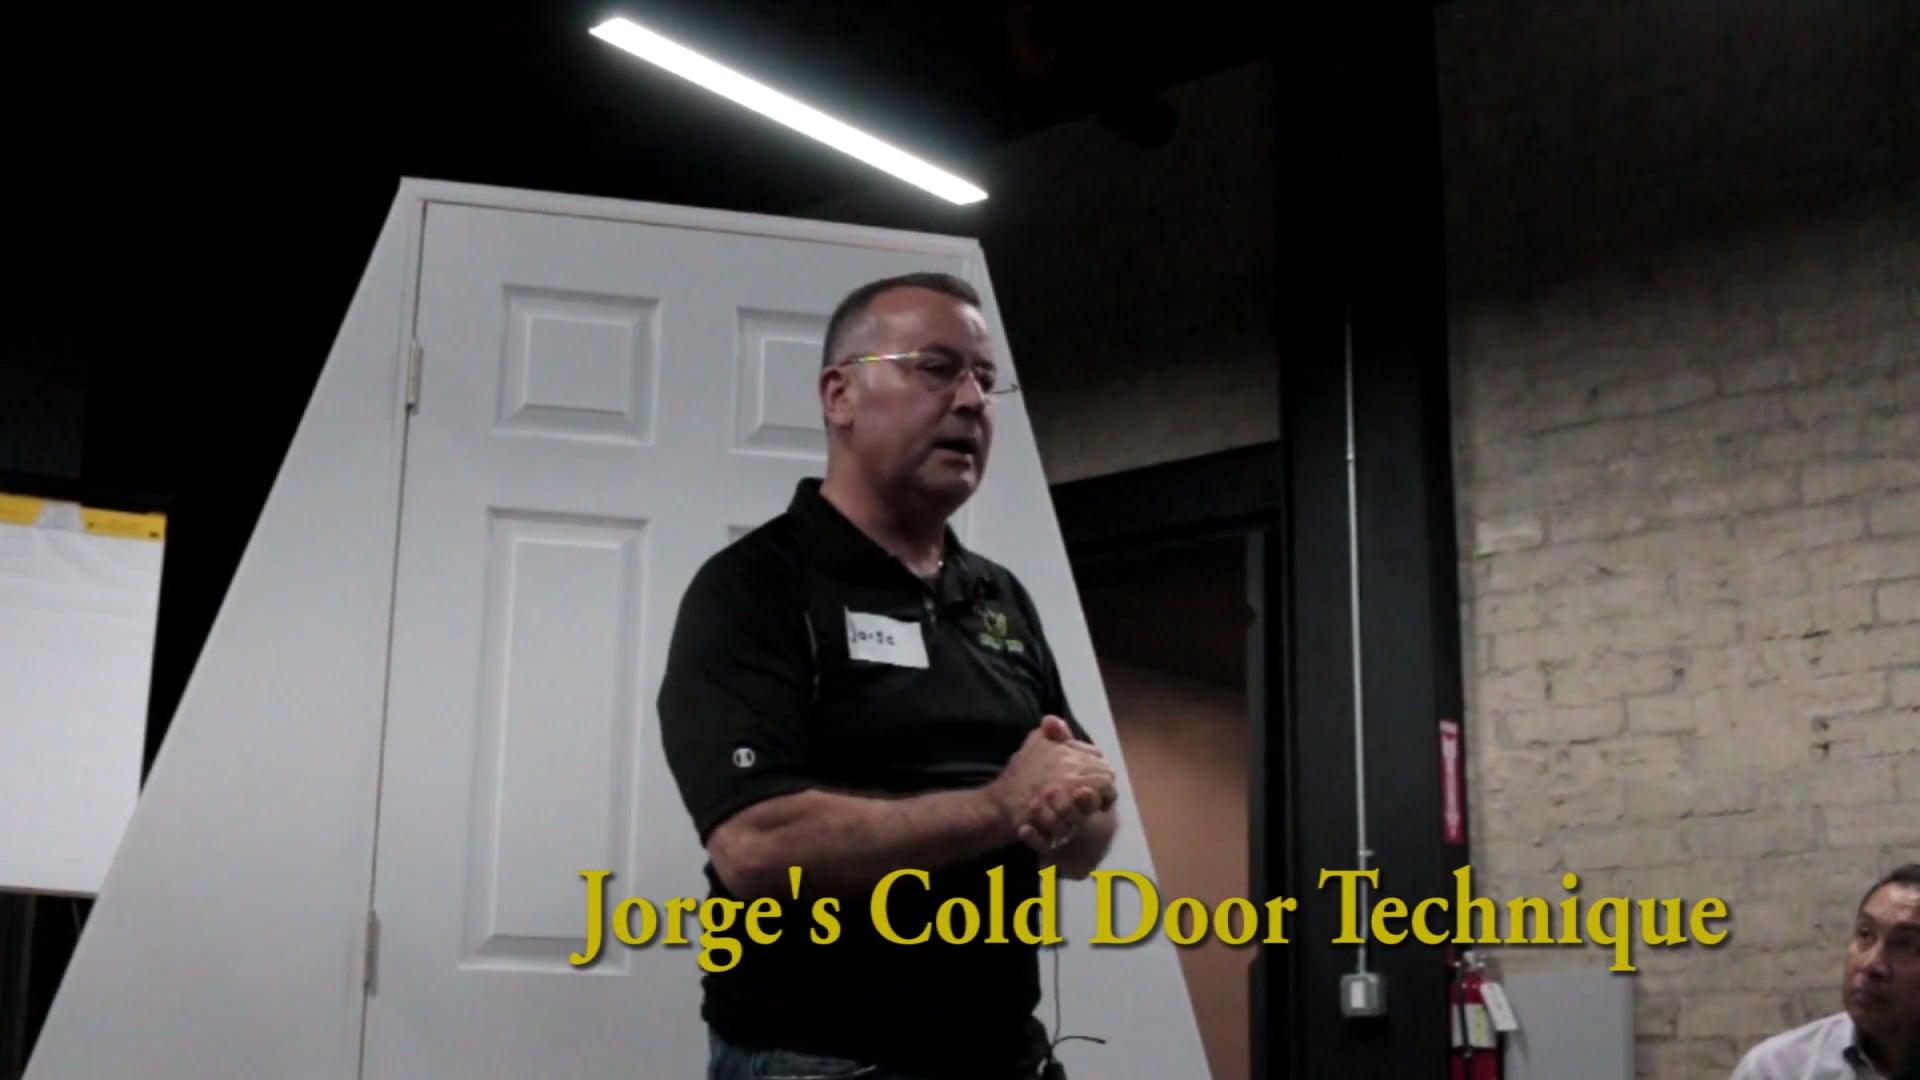 Jorge's Cold Door Technique